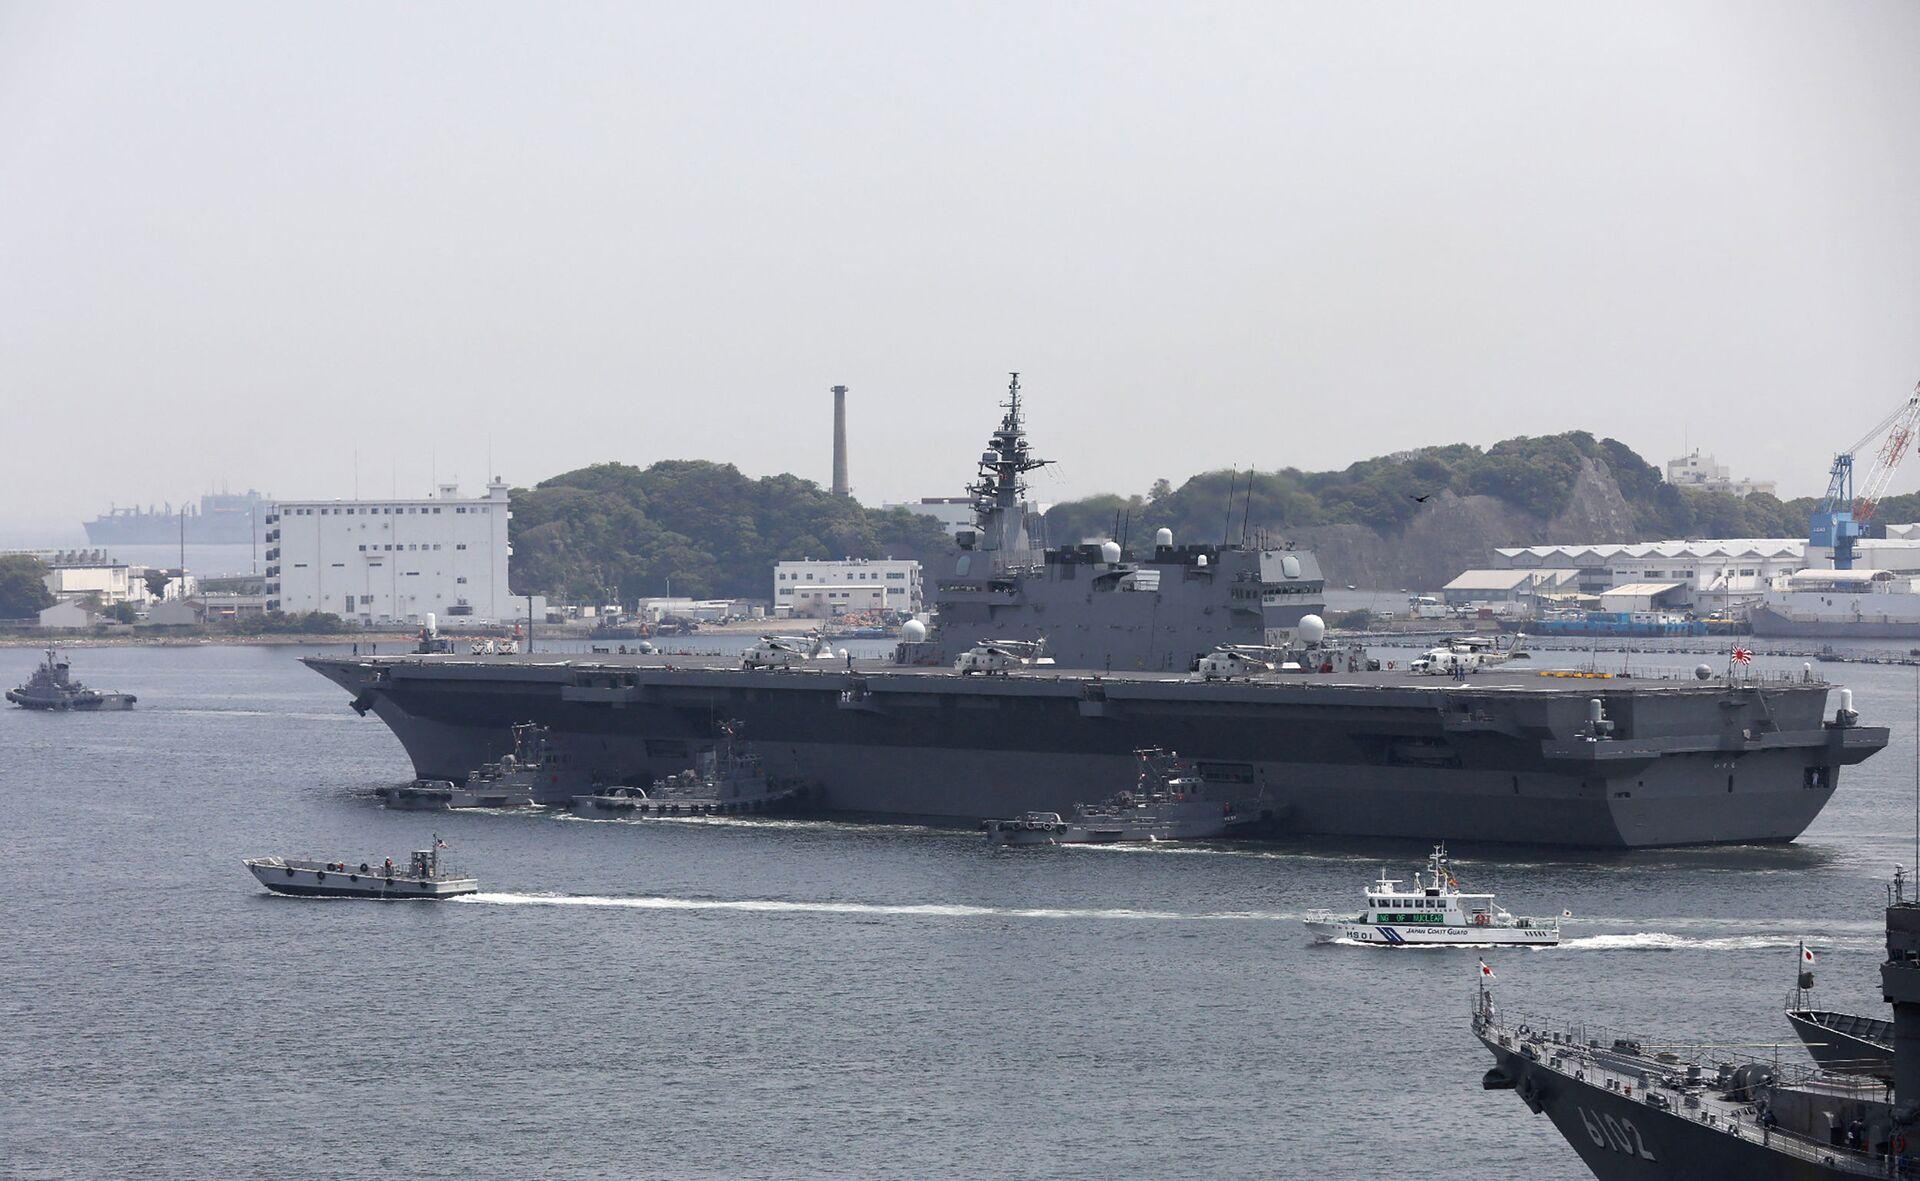 Long de 248 mètres et ses 27.000 tonnes de déplacement à pleine charge, l'Izumo est sans conteste le plus gros bâtiment de la flotte d'autodéfense japonaise, 4e marine du monde. - Sputnik France, 1920, 21.09.2021